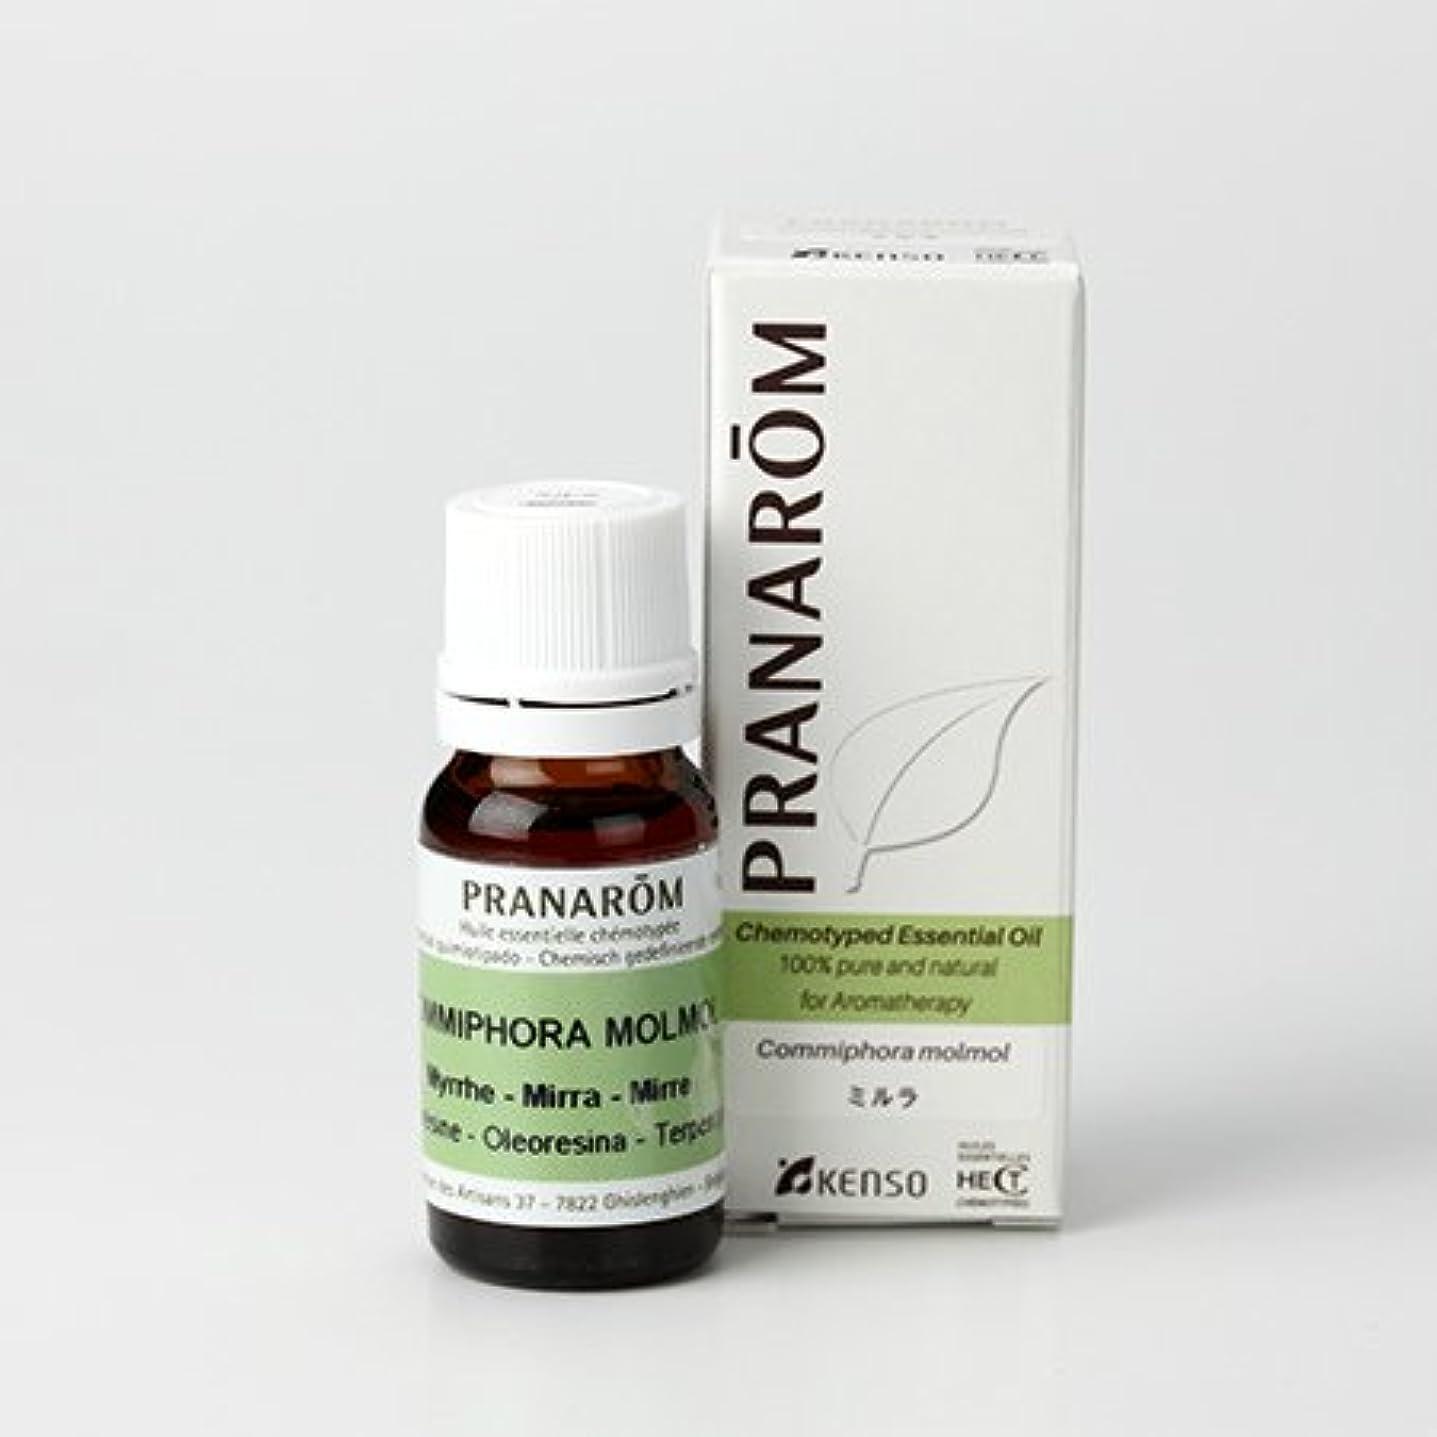 発症気づかないのためプラナロム ミルラ 10ml (PRANAROM ケモタイプ精油)